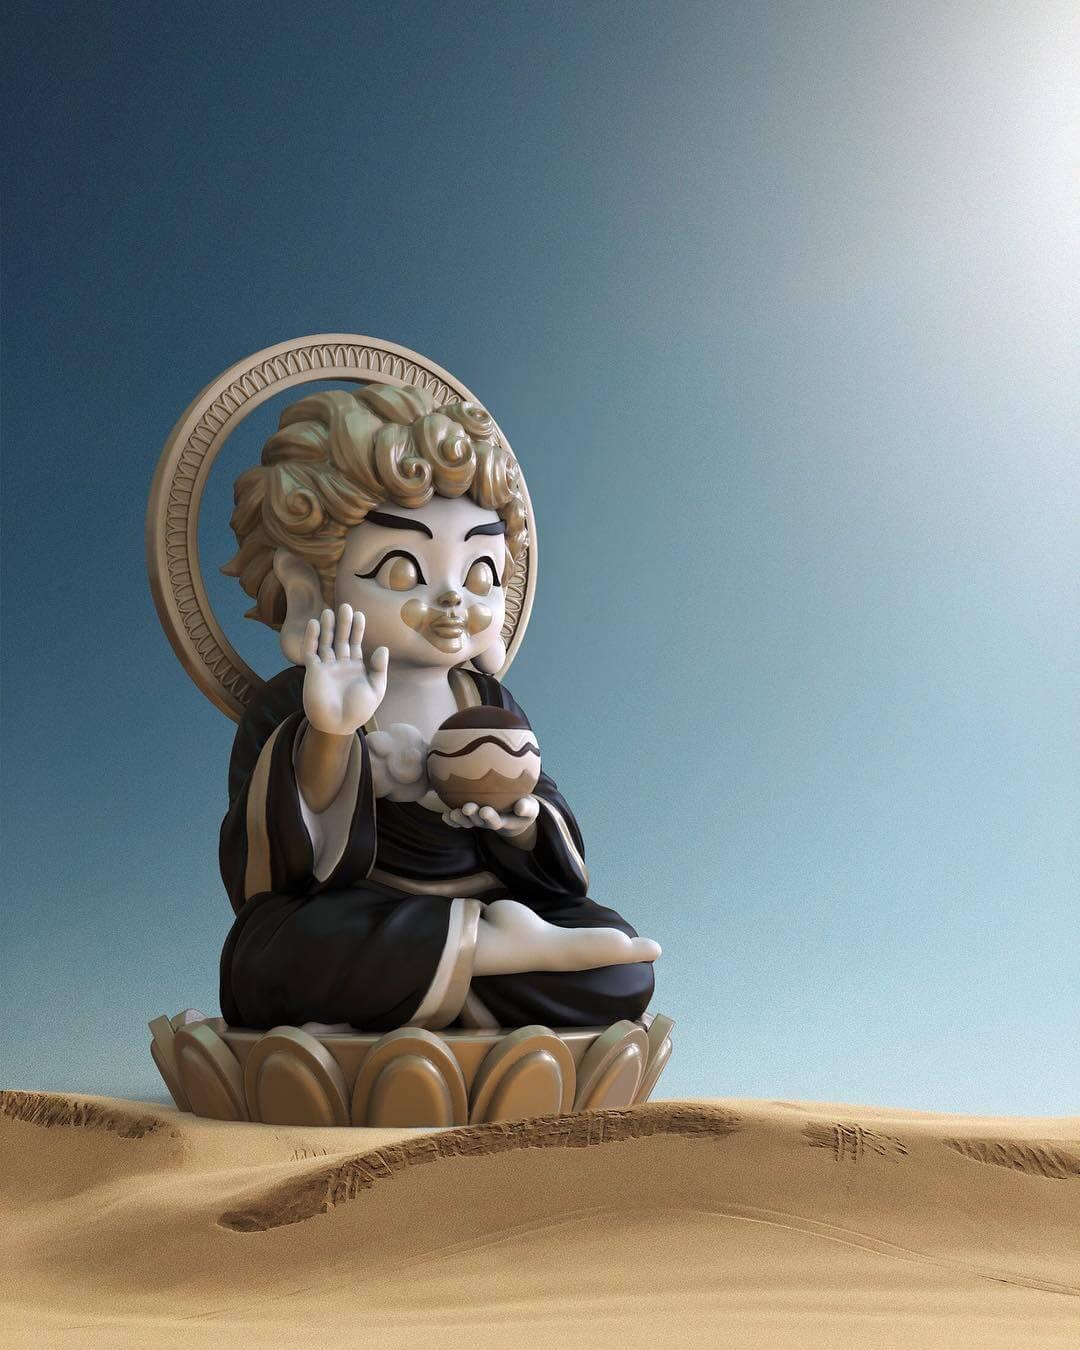 hambuddha-buddcafe-tik-ka